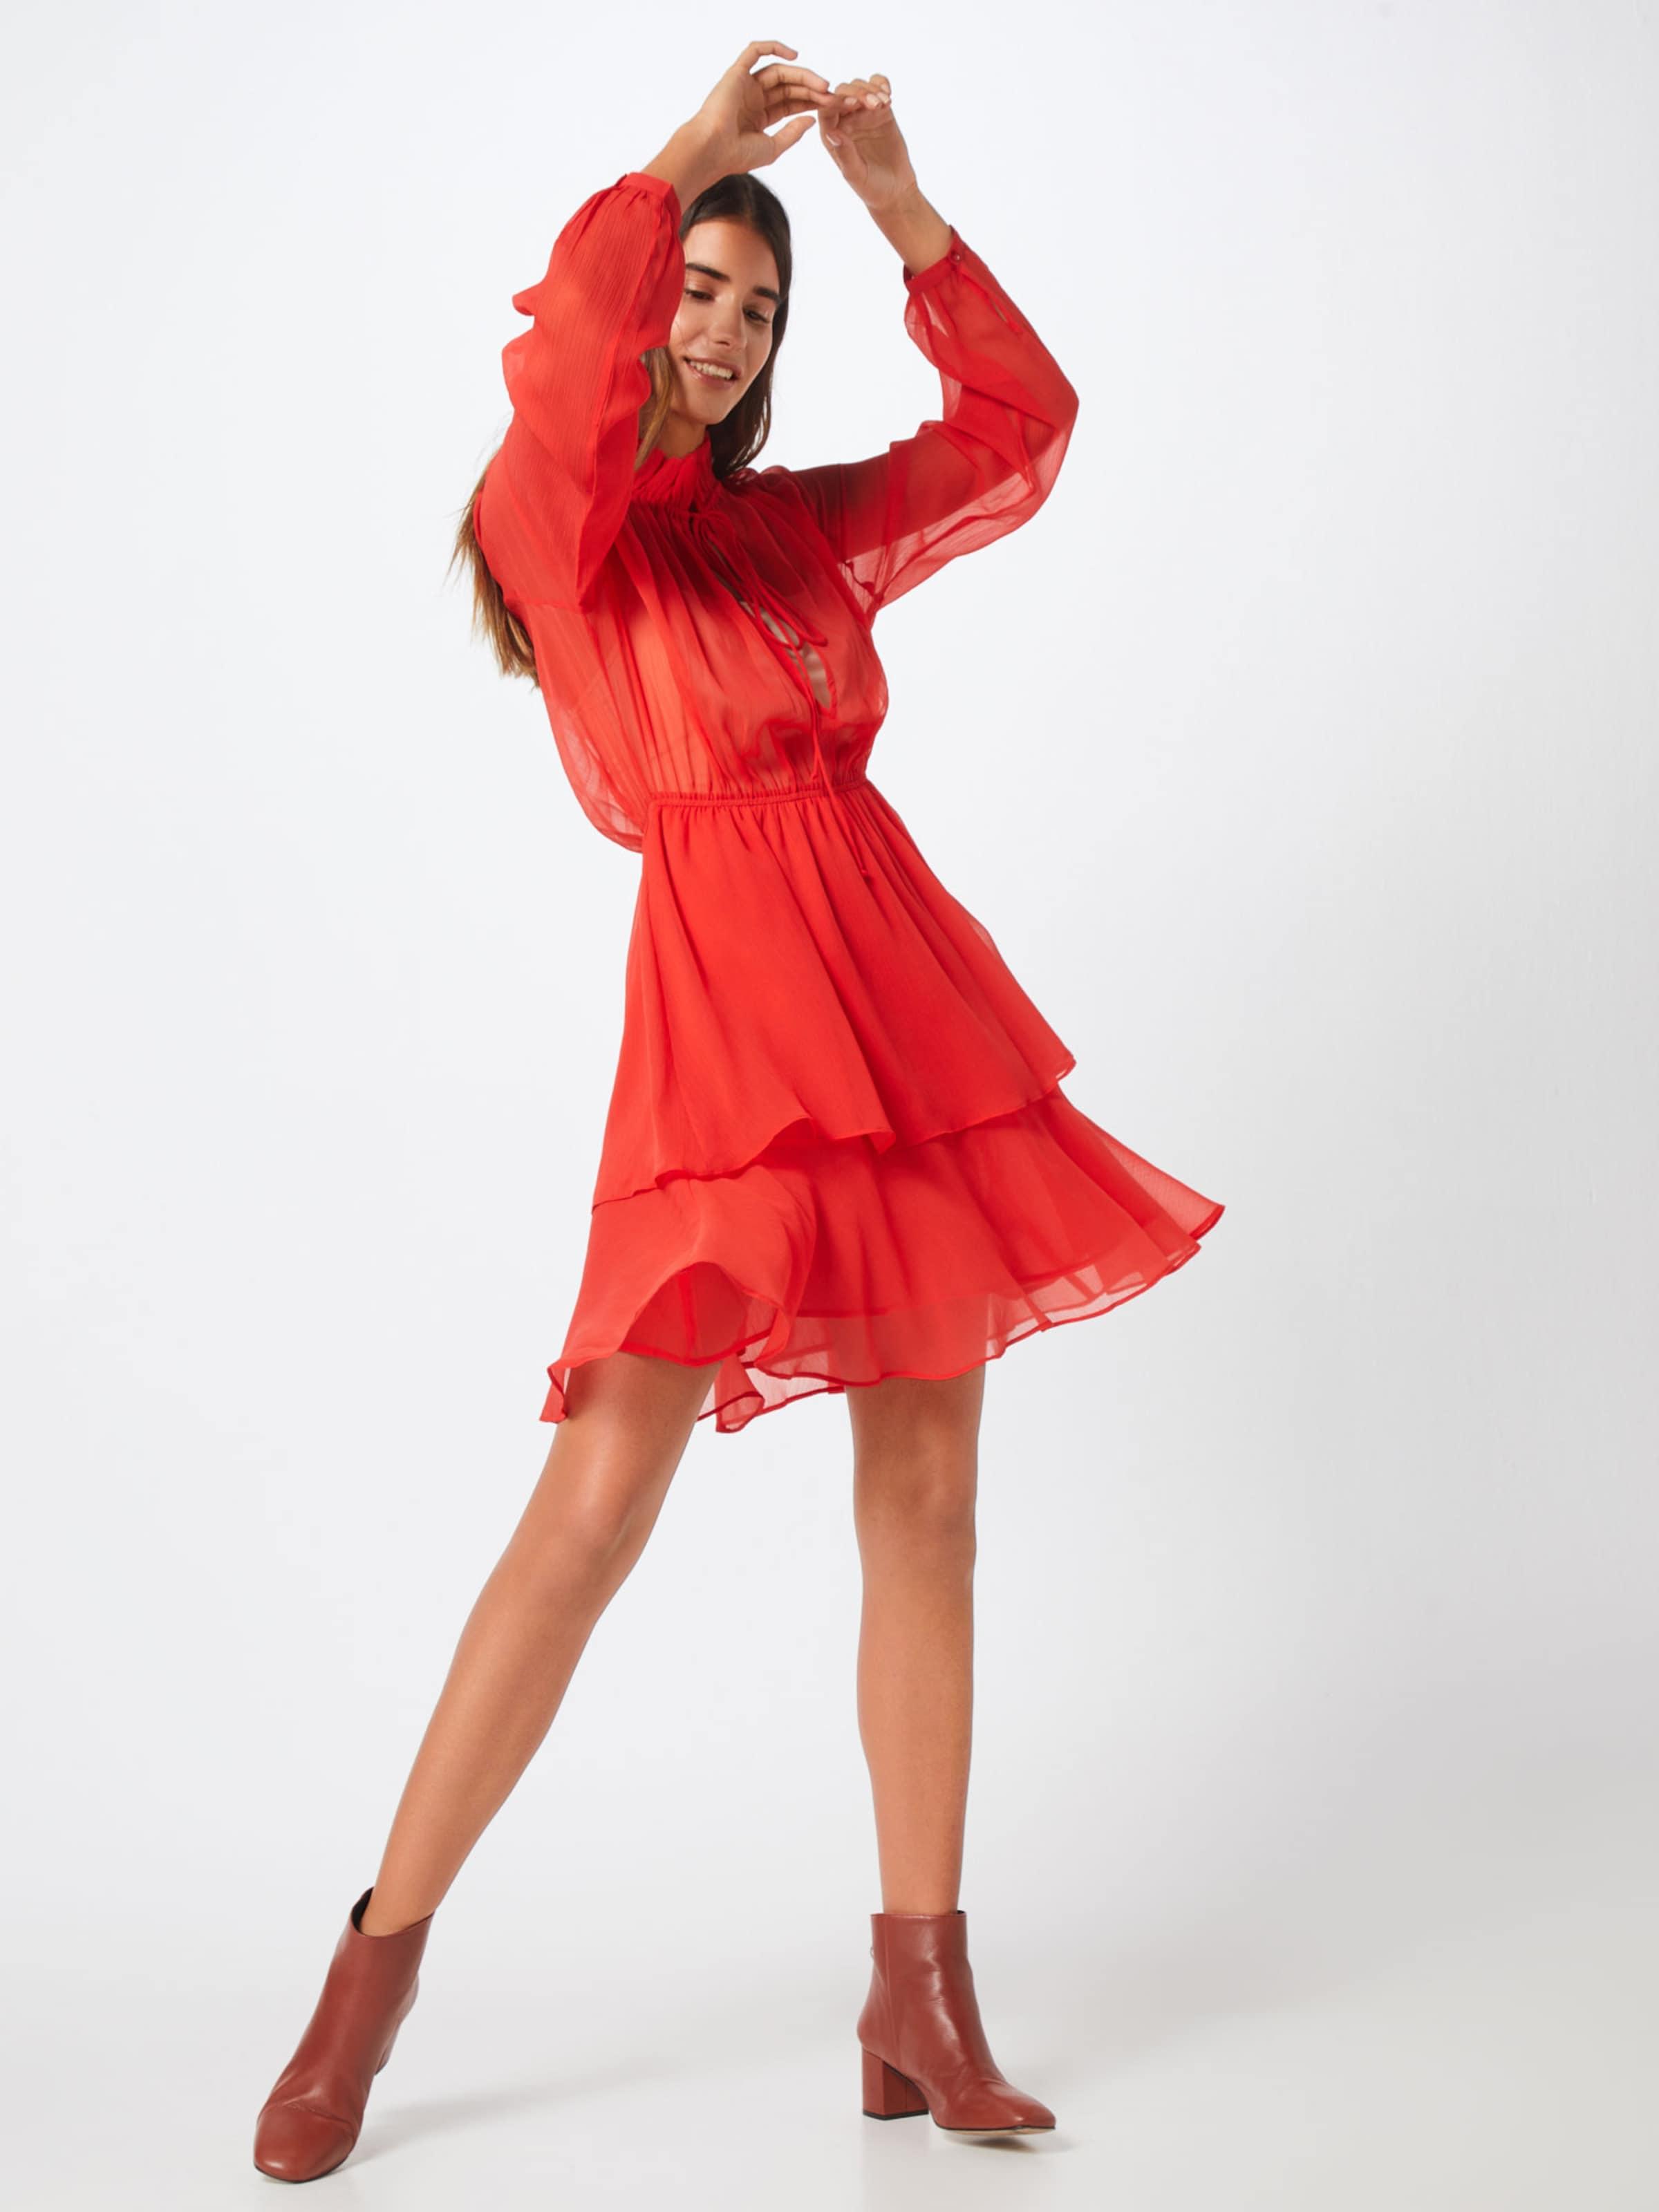 7149dff5a37c69 In Na kd  high Jurk Neck Dress  Rood Frill c54R3ALqSj